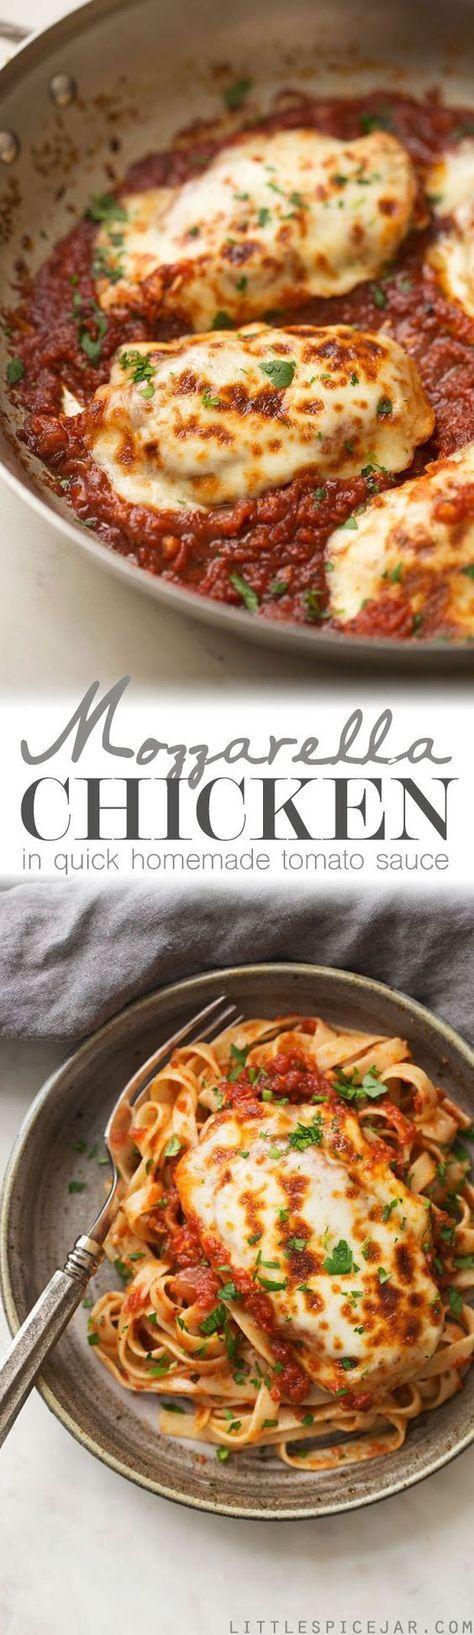 30 Minute Mozzarella Chicken in Tomato Sauce Recipe | Little Spice Jar